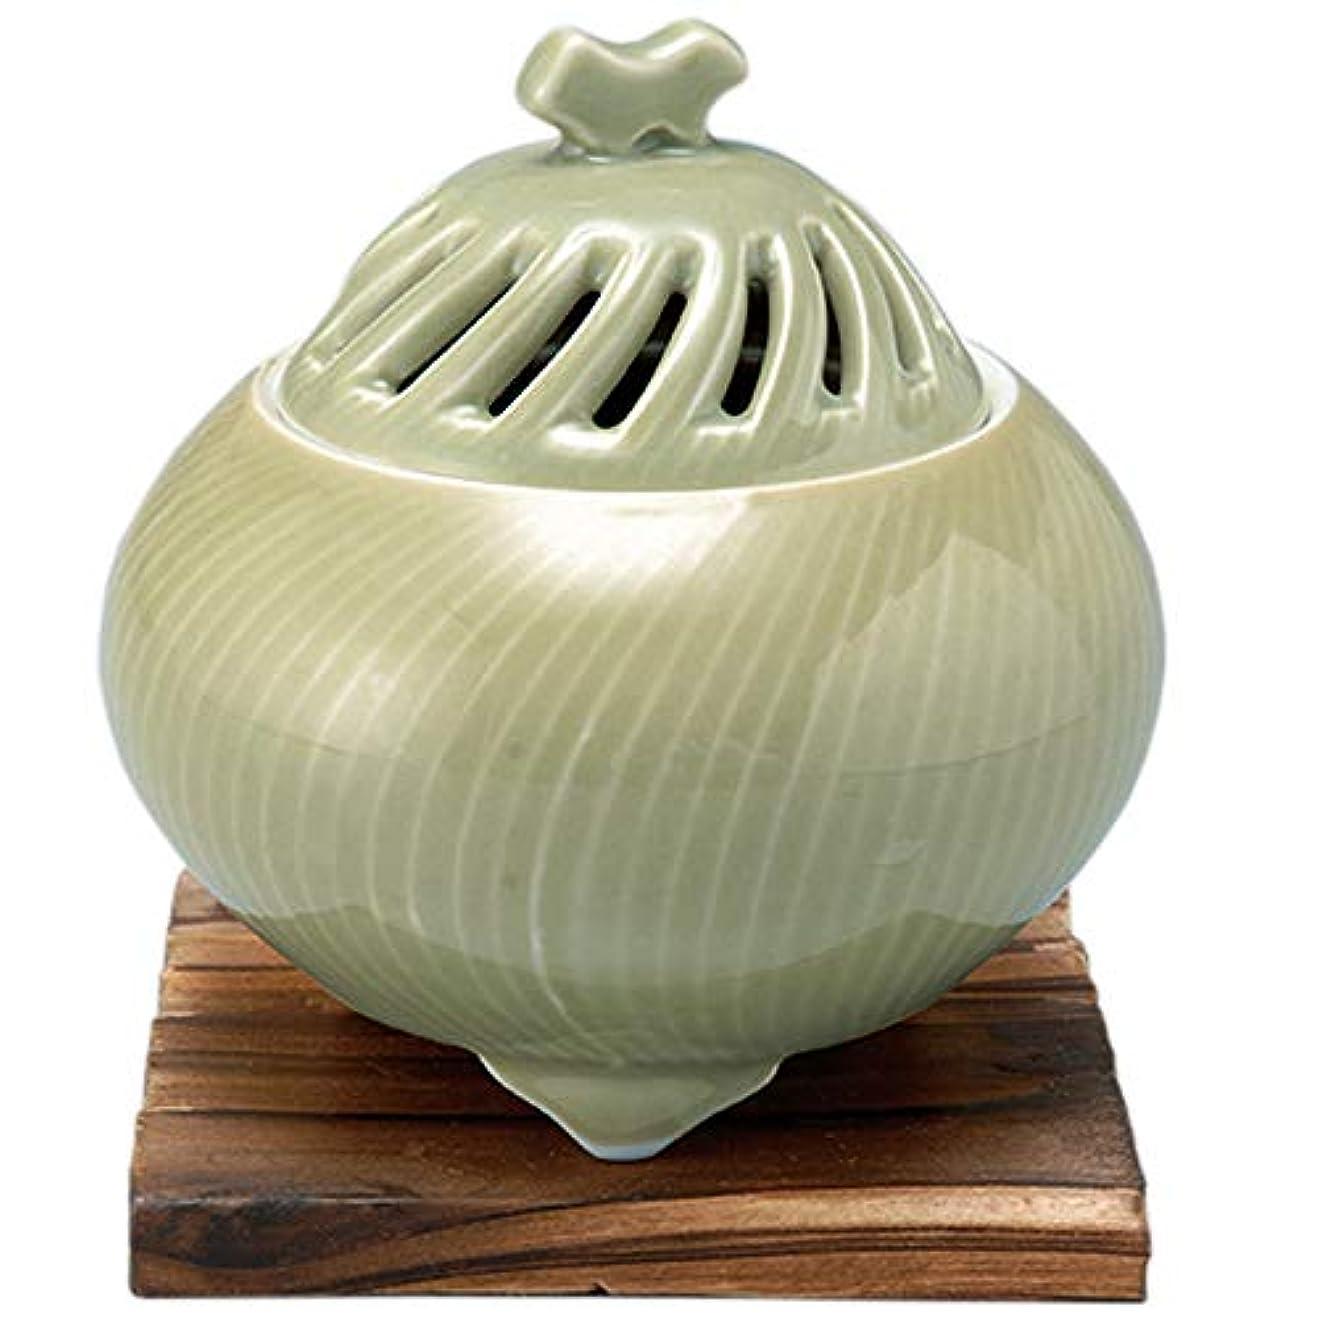 特許シーフードボリューム香炉 鶯透し 丸型香炉 [R11xH11.3cm] プレゼント ギフト 和食器 かわいい インテリア